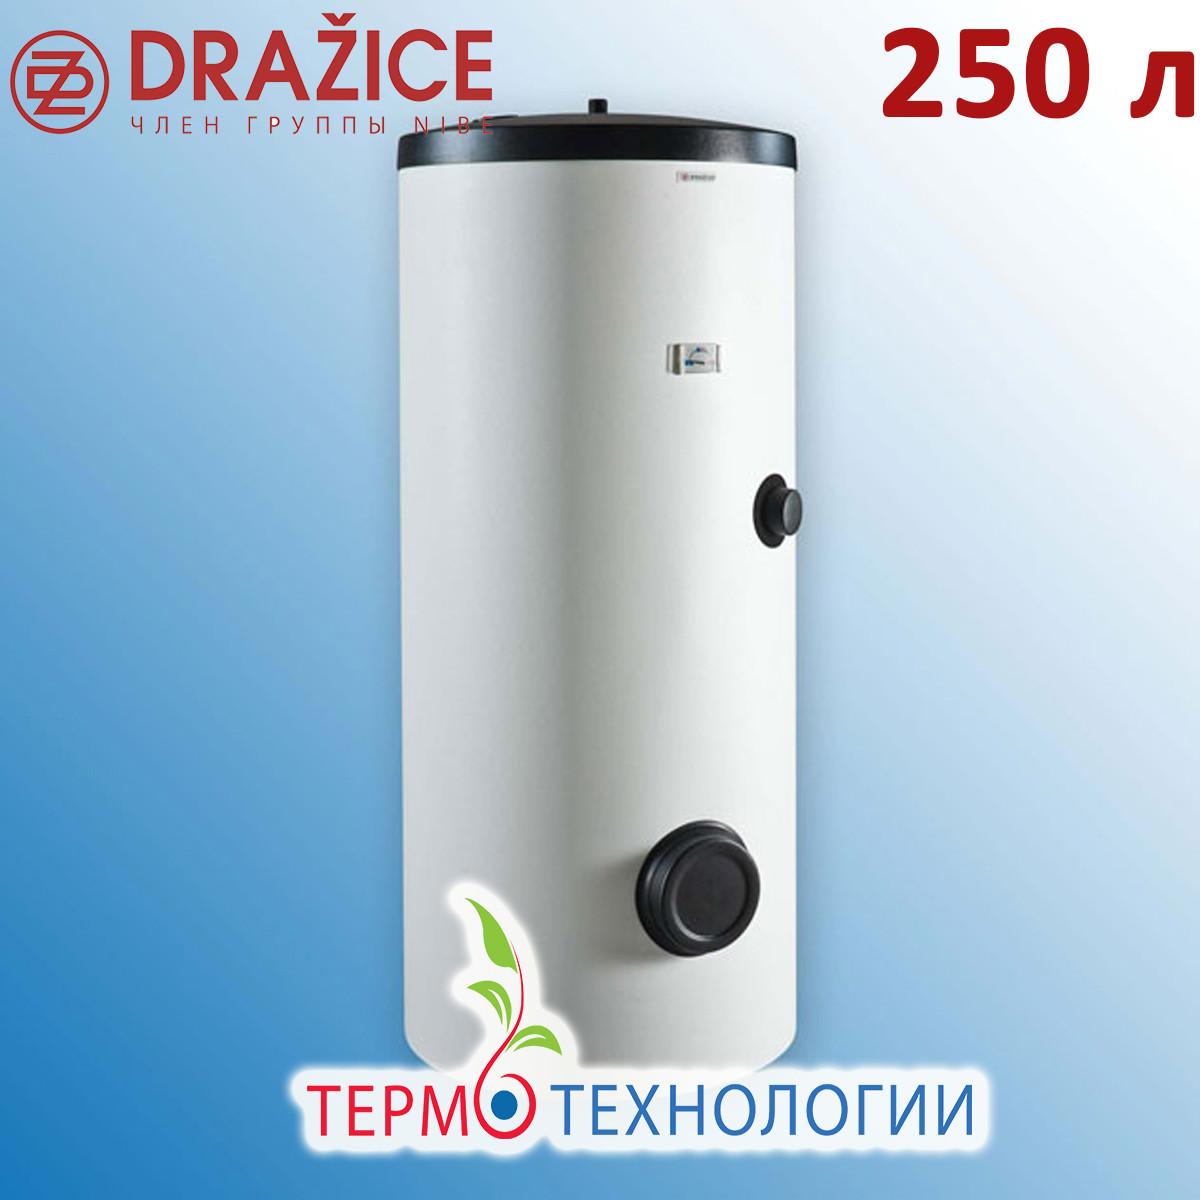 Водонагреватель для работы с тепловым насосом DRAZICE HP 250 л.